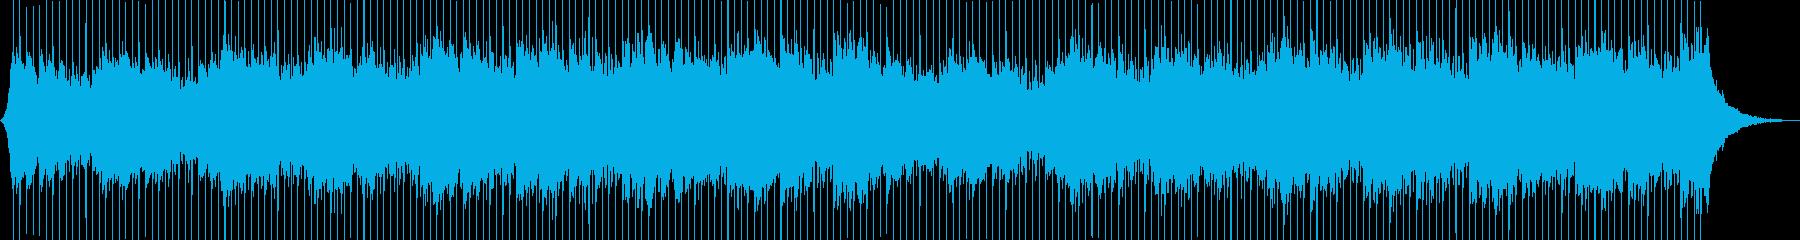 企業VP115、シンプル、アンビ、爽快aの再生済みの波形